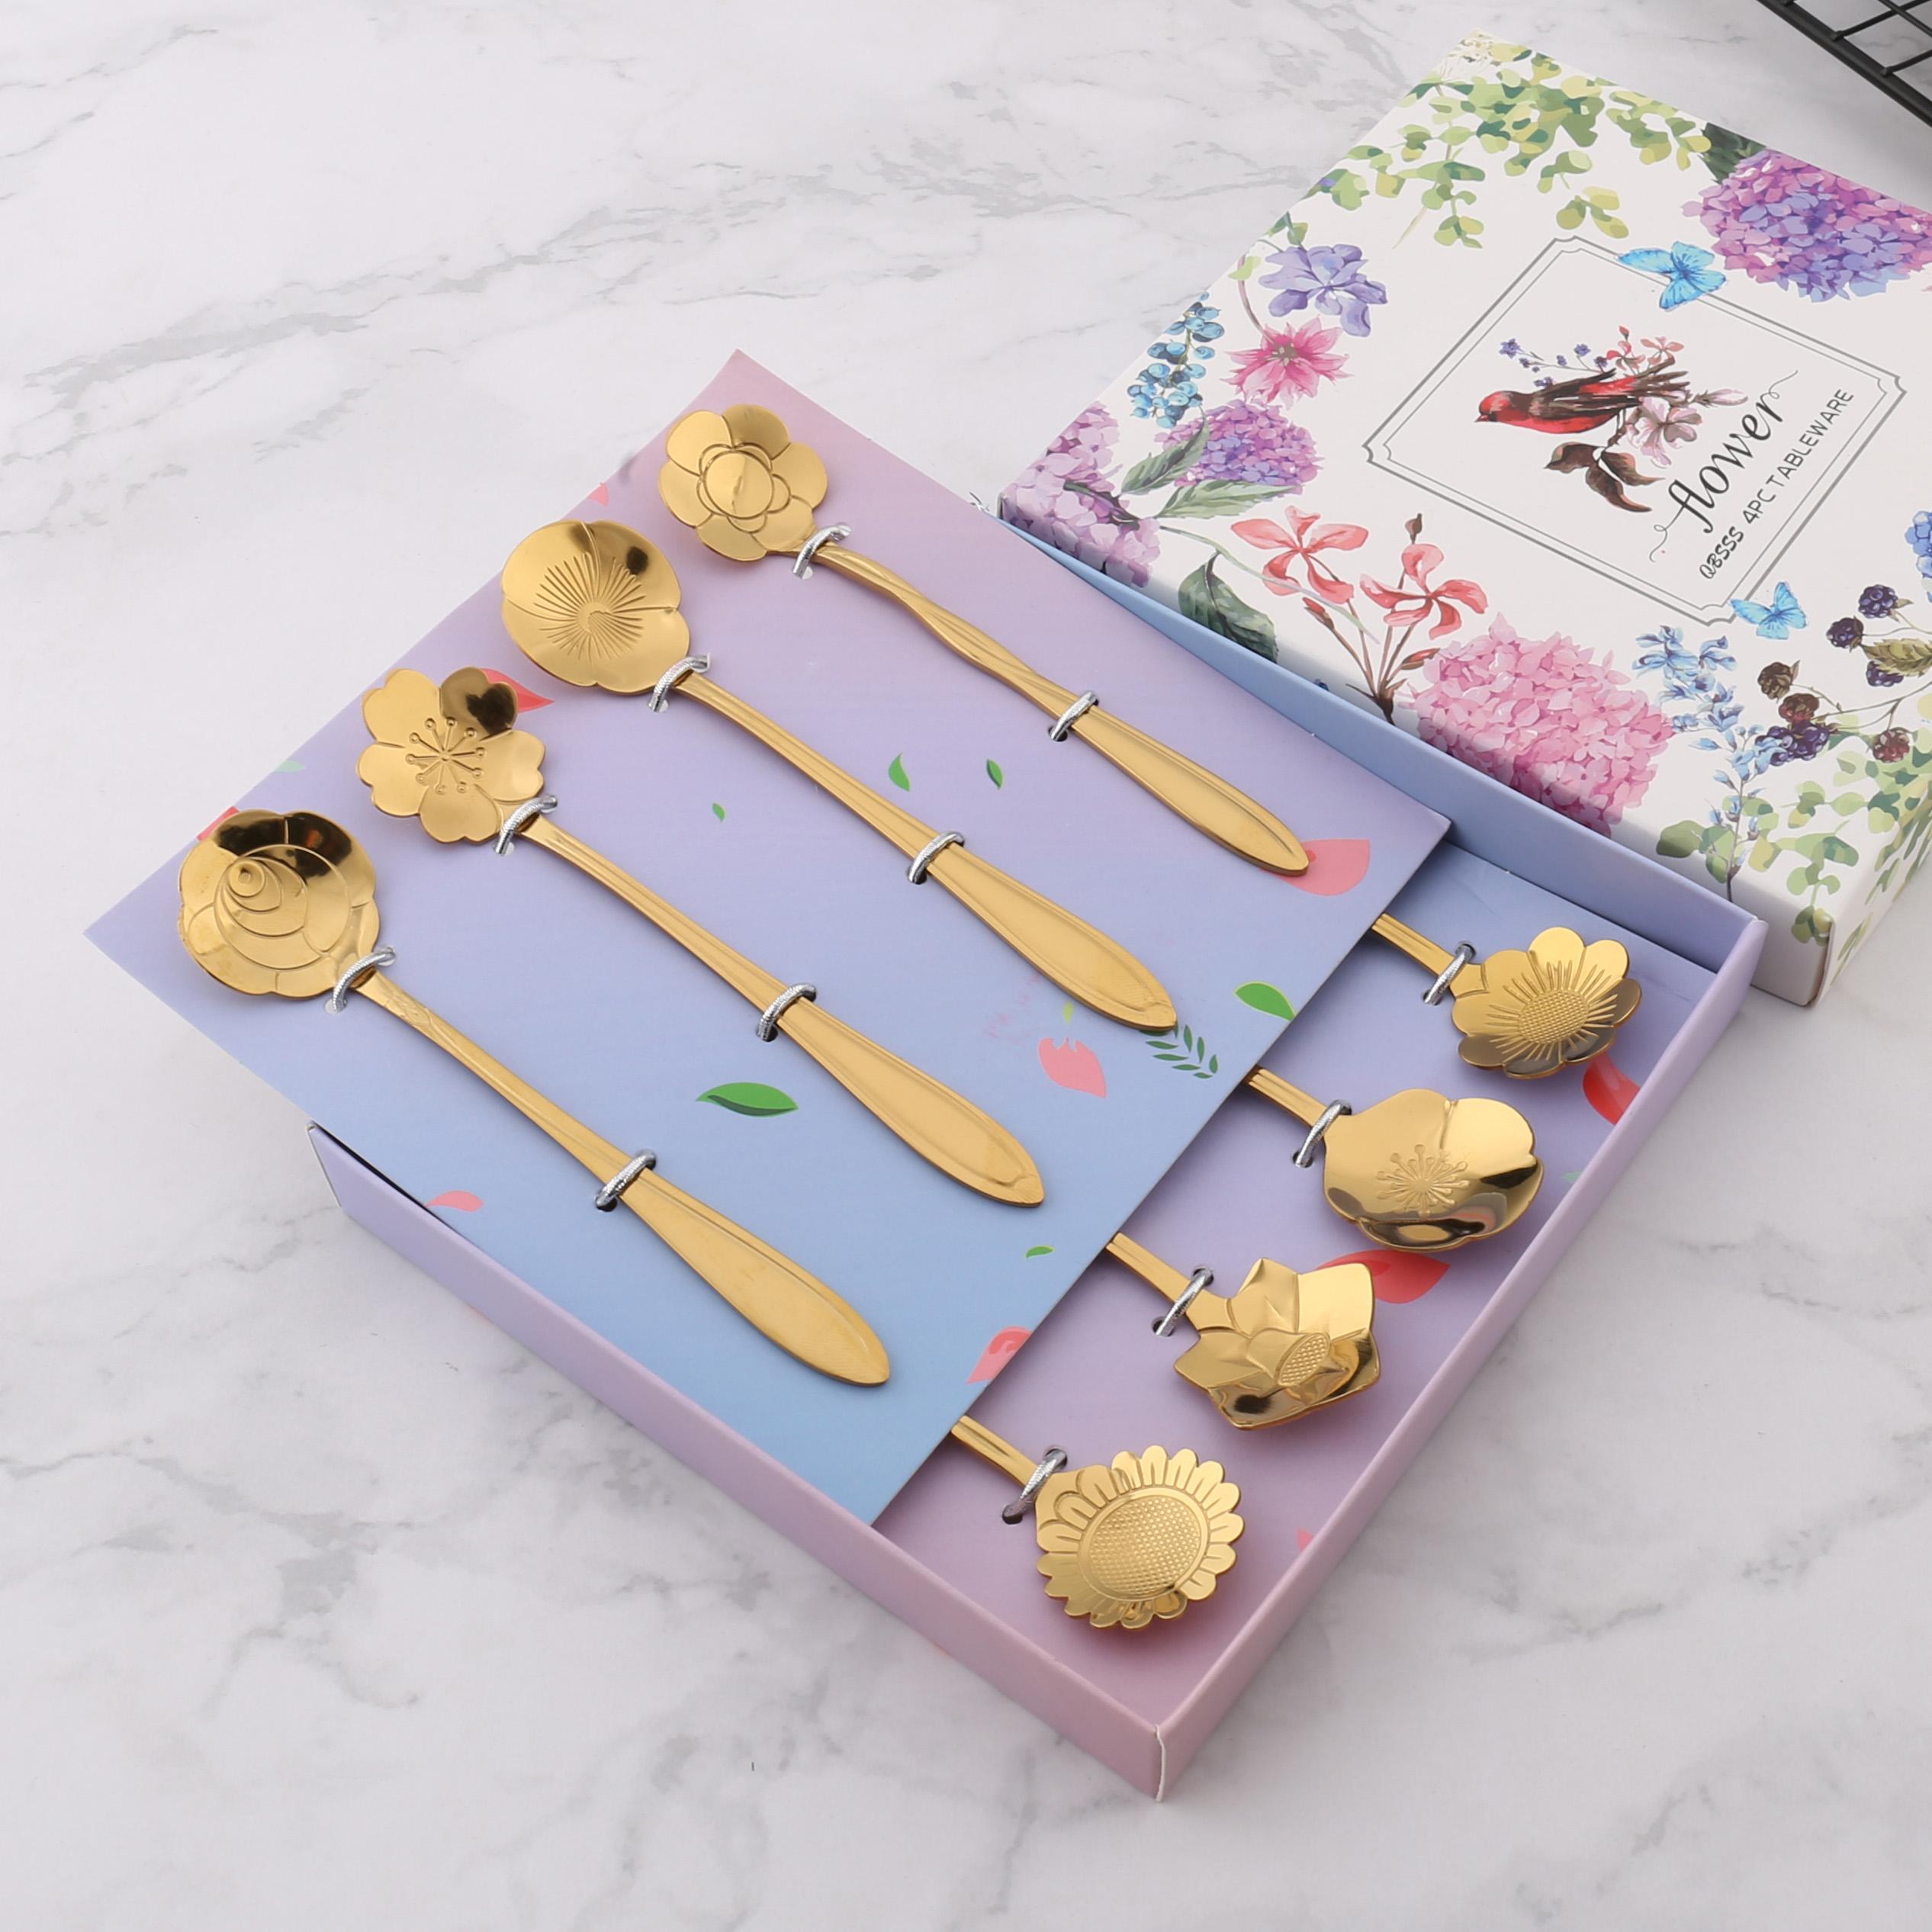 创意不锈钢樱花勺金色花朵小勺精致雪糕咖啡勺礼品餐具勺子套装